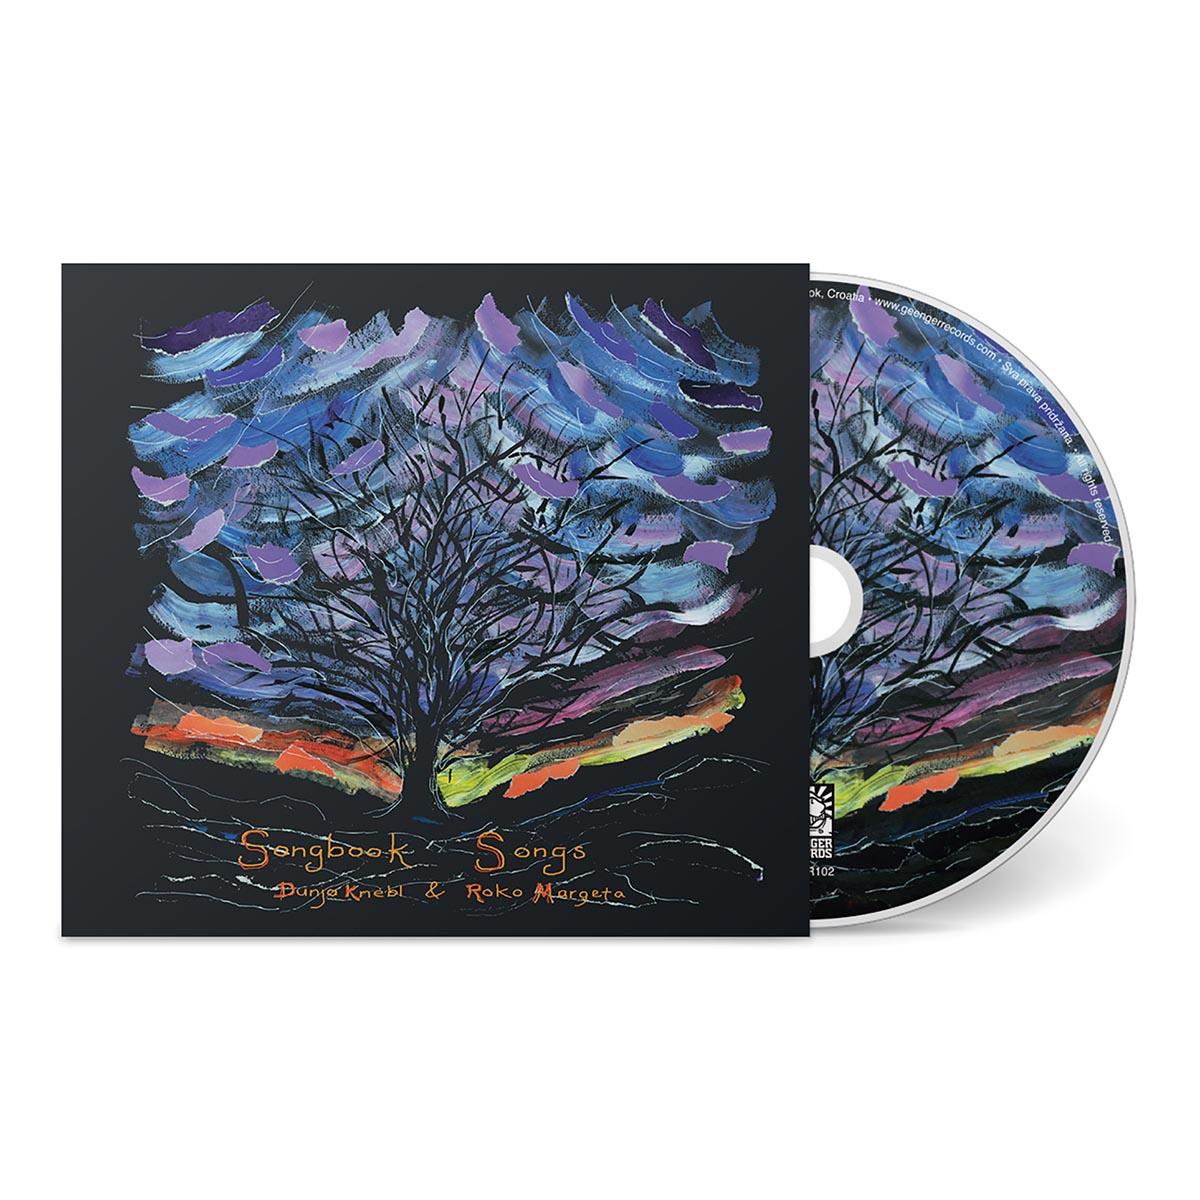 DUNJA KNEBL & ROKO MARGETA - Songbook Songs